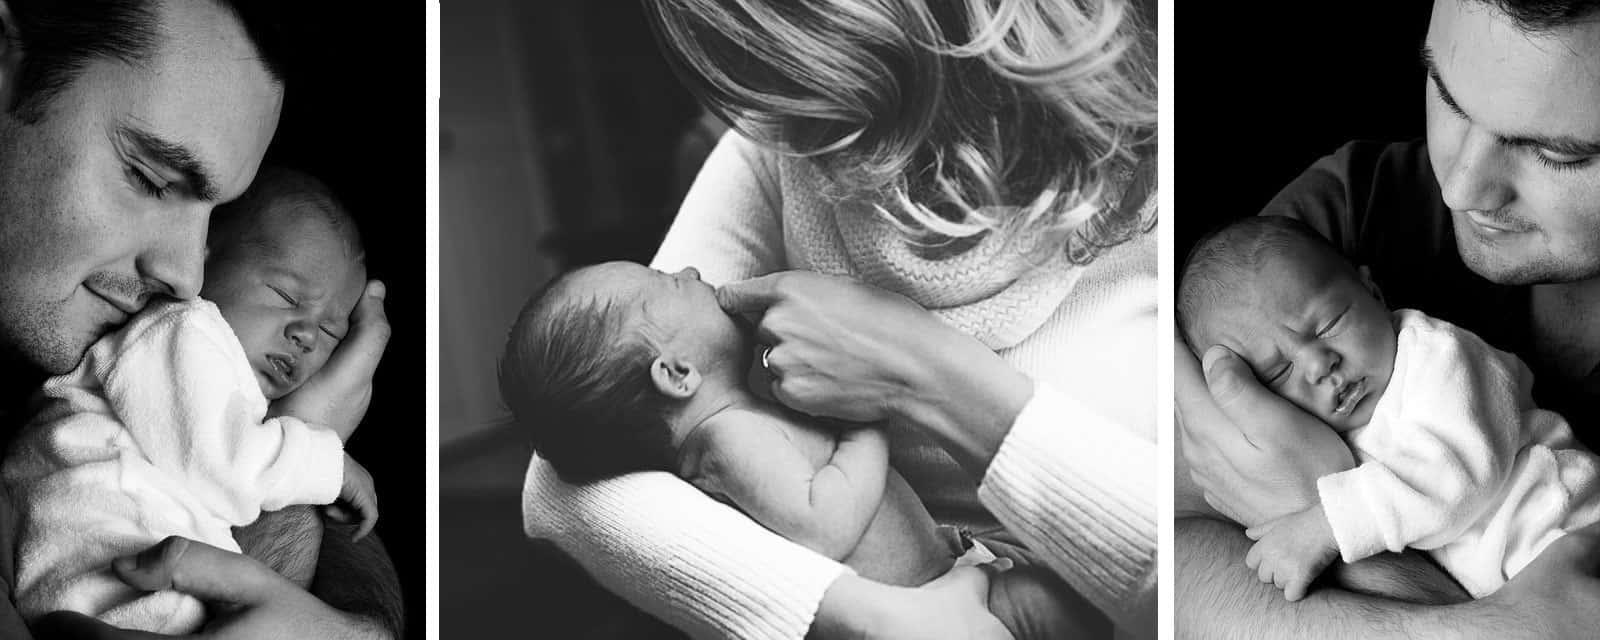 הדרכה הורית : התינוק ואנחנו – איך מתחילים ??